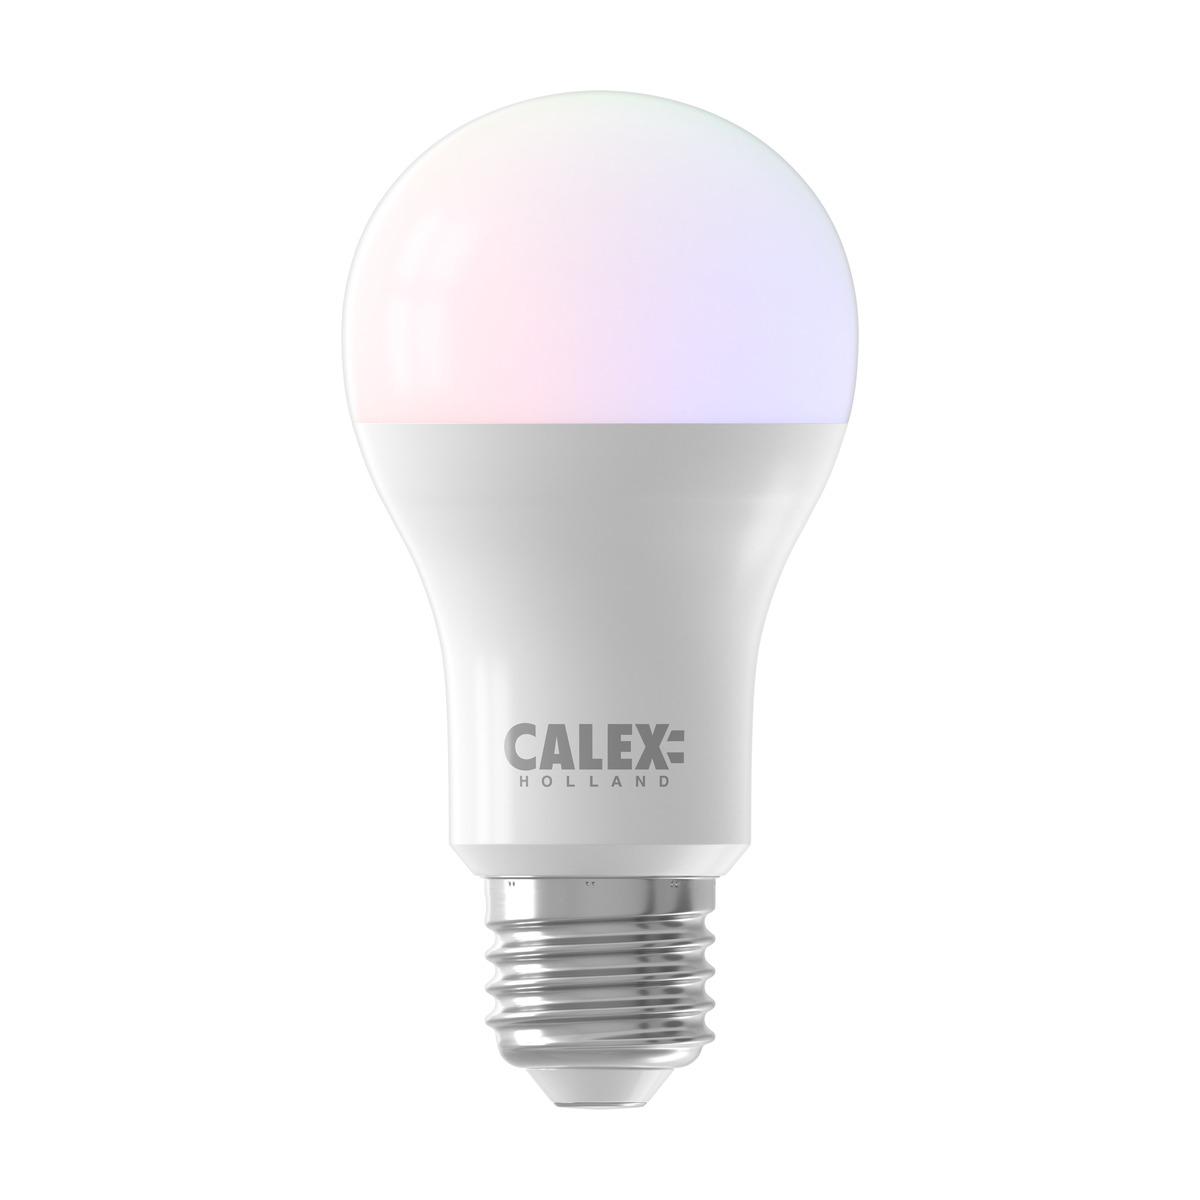 Älykkäästi himmennettävä led-lamppu on monikäyttöinen